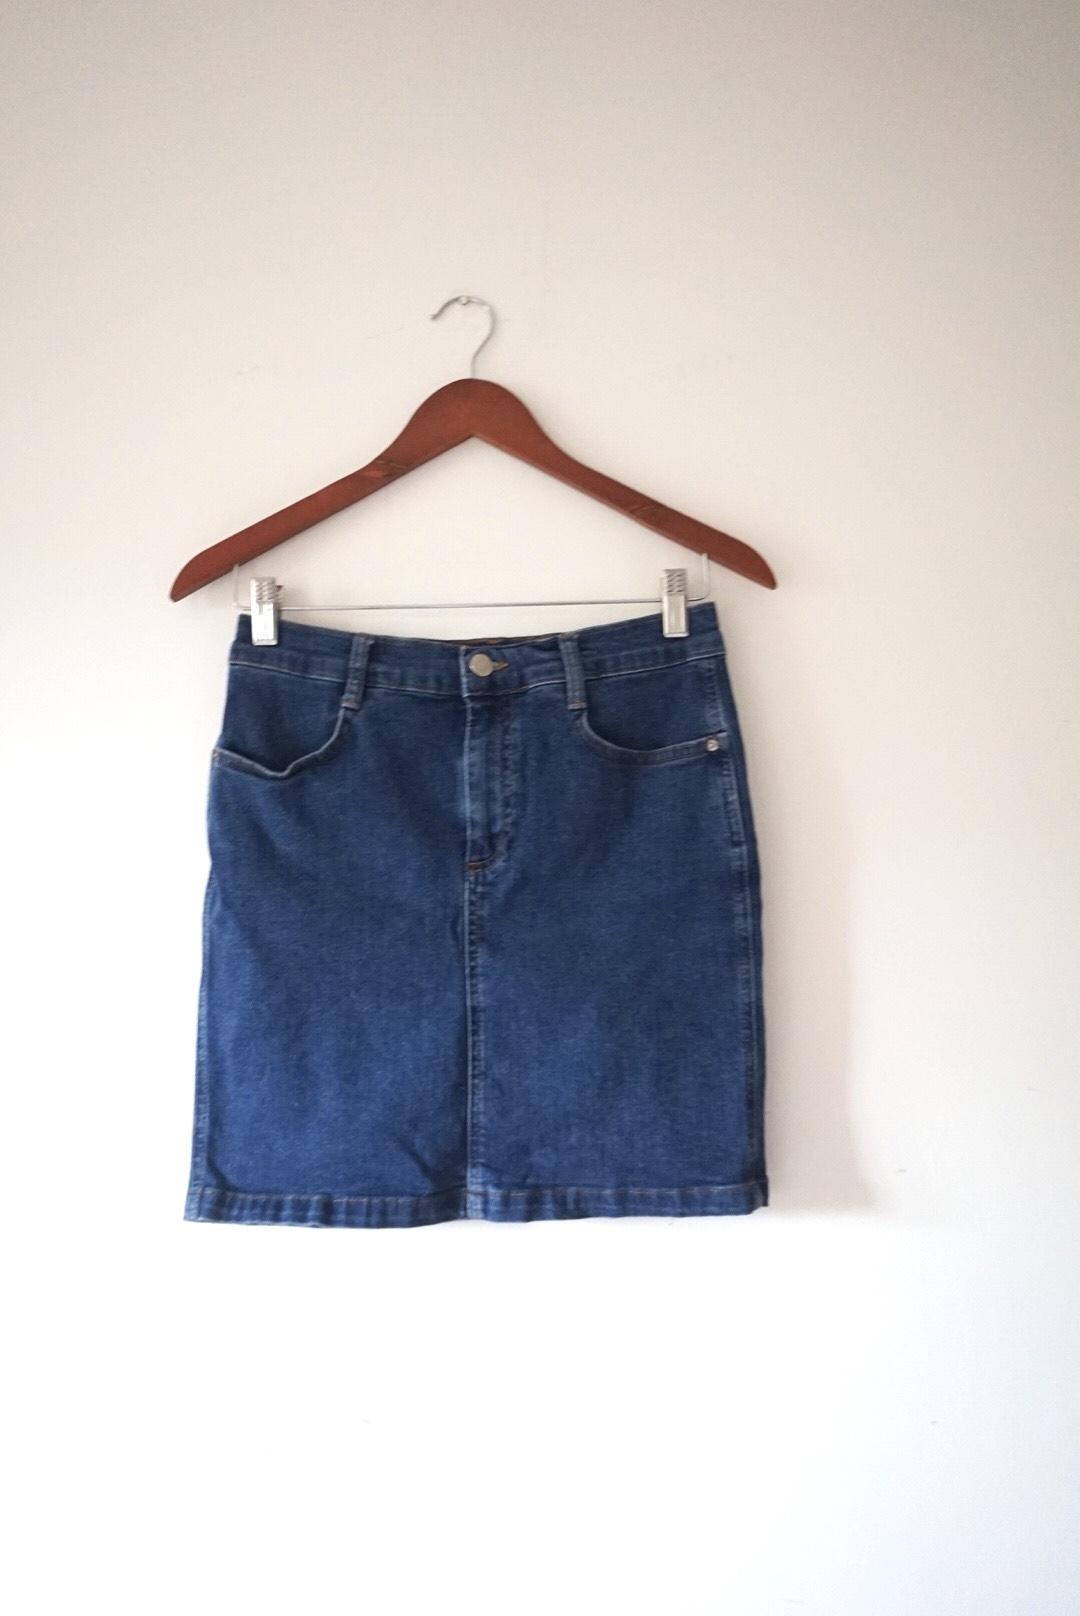 Image of Denim & Co Denim & Co High Waist Blue Denim Mini Skirt UK 12